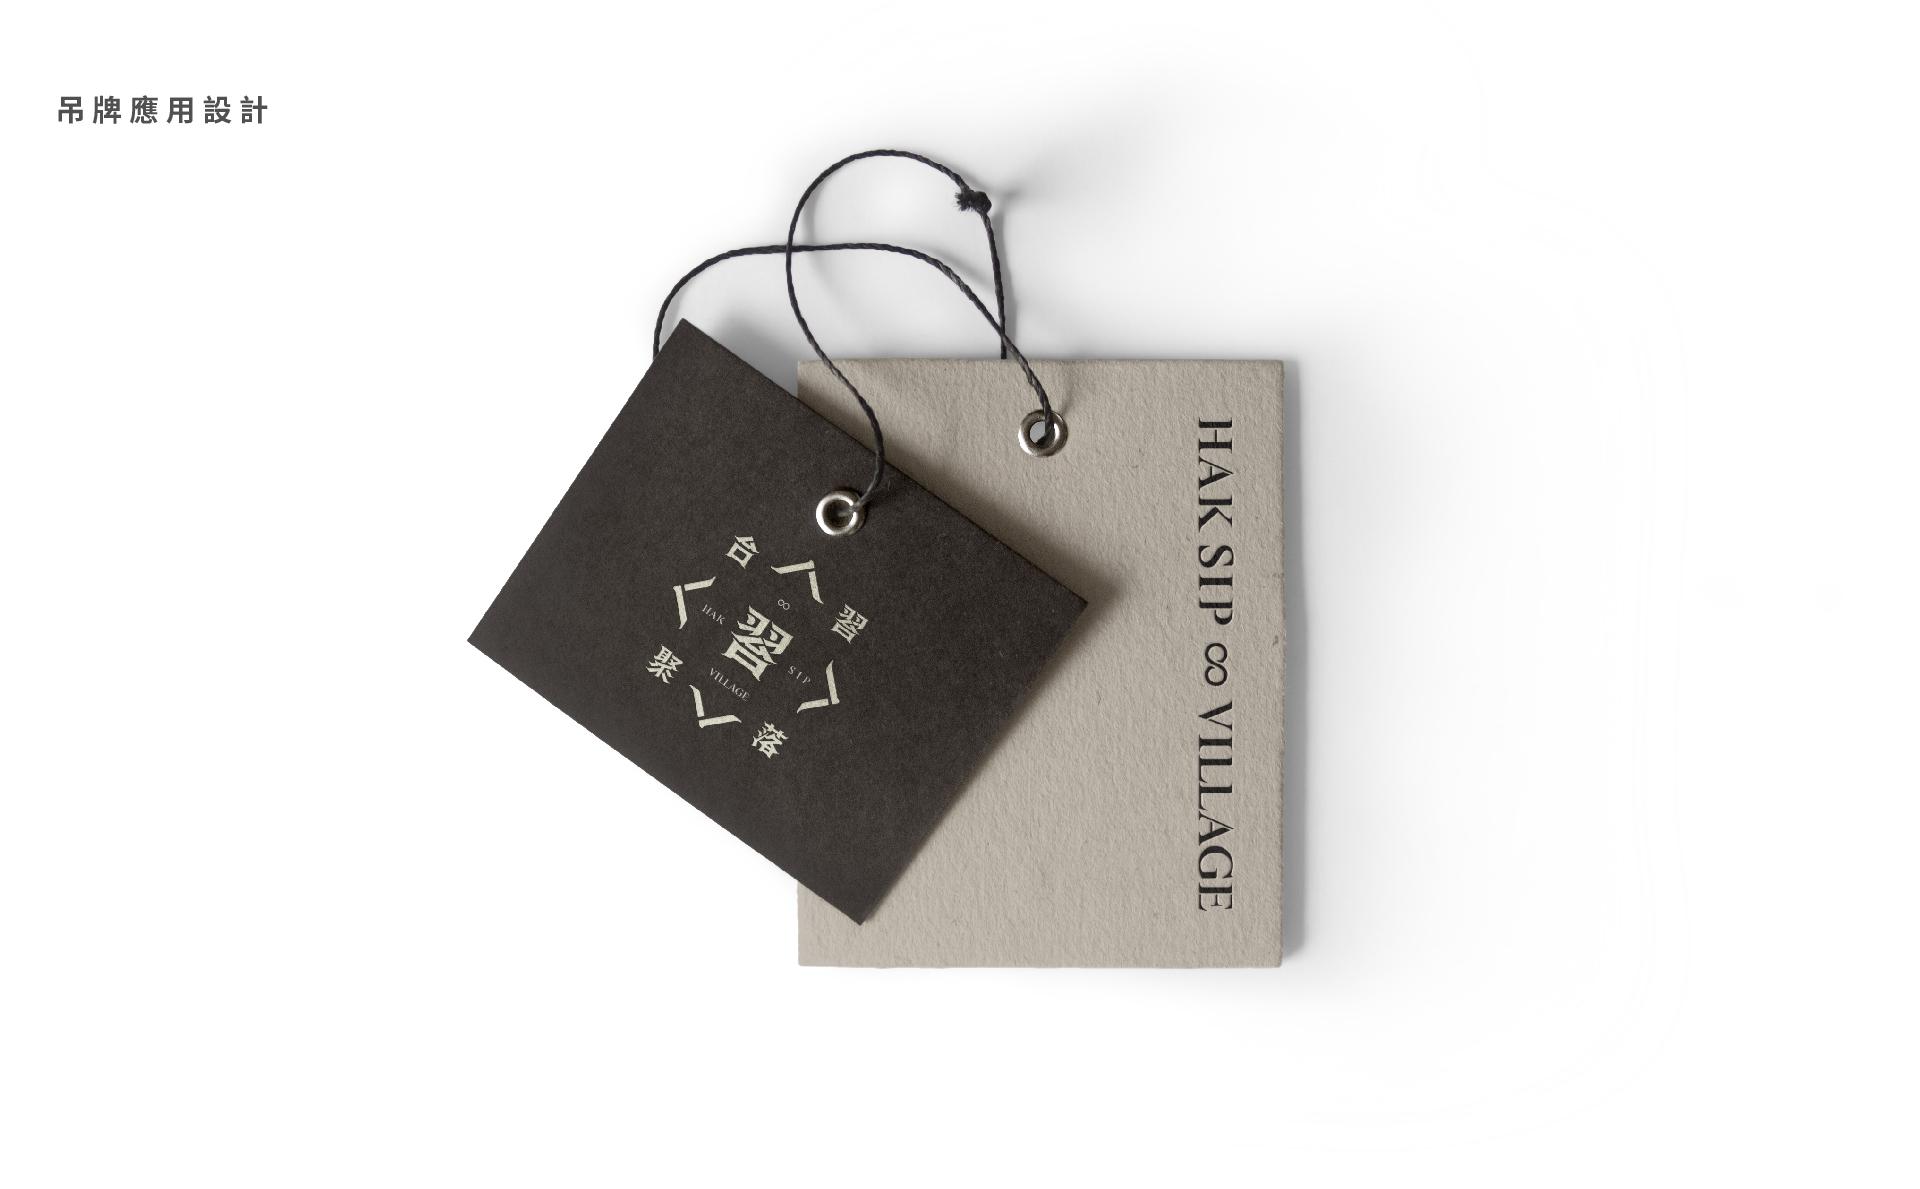 因應合習聚落的精神,印刷配置上也以較手感的紙為主要載體,傳遞人溫暖的感覺。   合習聚落   三峽工藝&產業的共好實踐基地